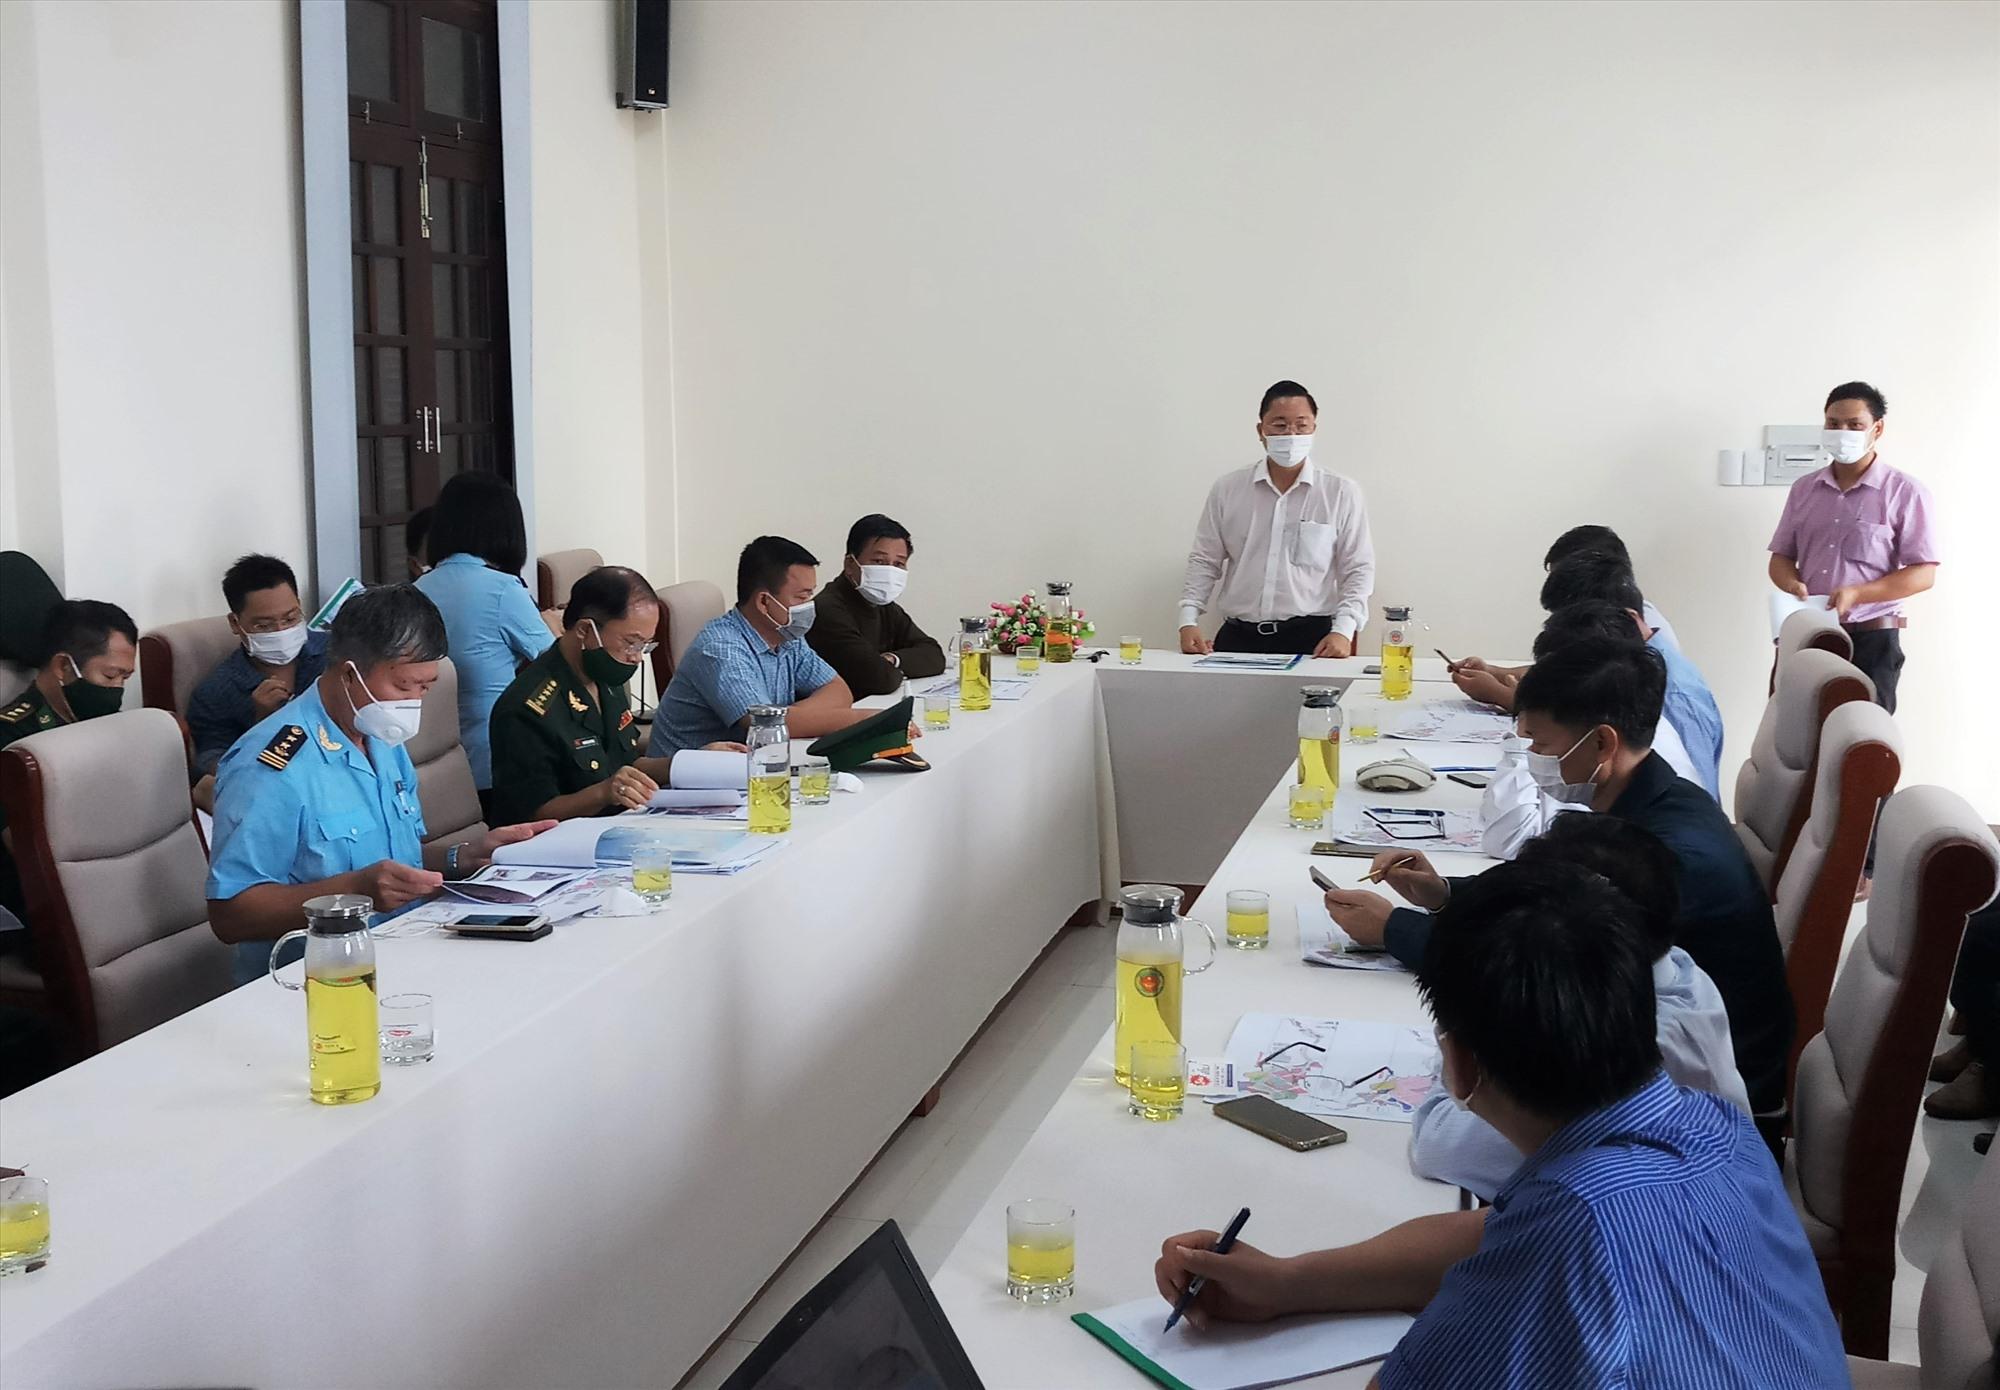 Chủ tịch UBND tỉnh phát biểu chỉ đạo tại buổi làm việc sau buổi khảo sát thực tế Khu kinh tế Cửa khẩu Nam Giang. Ảnh: A.N